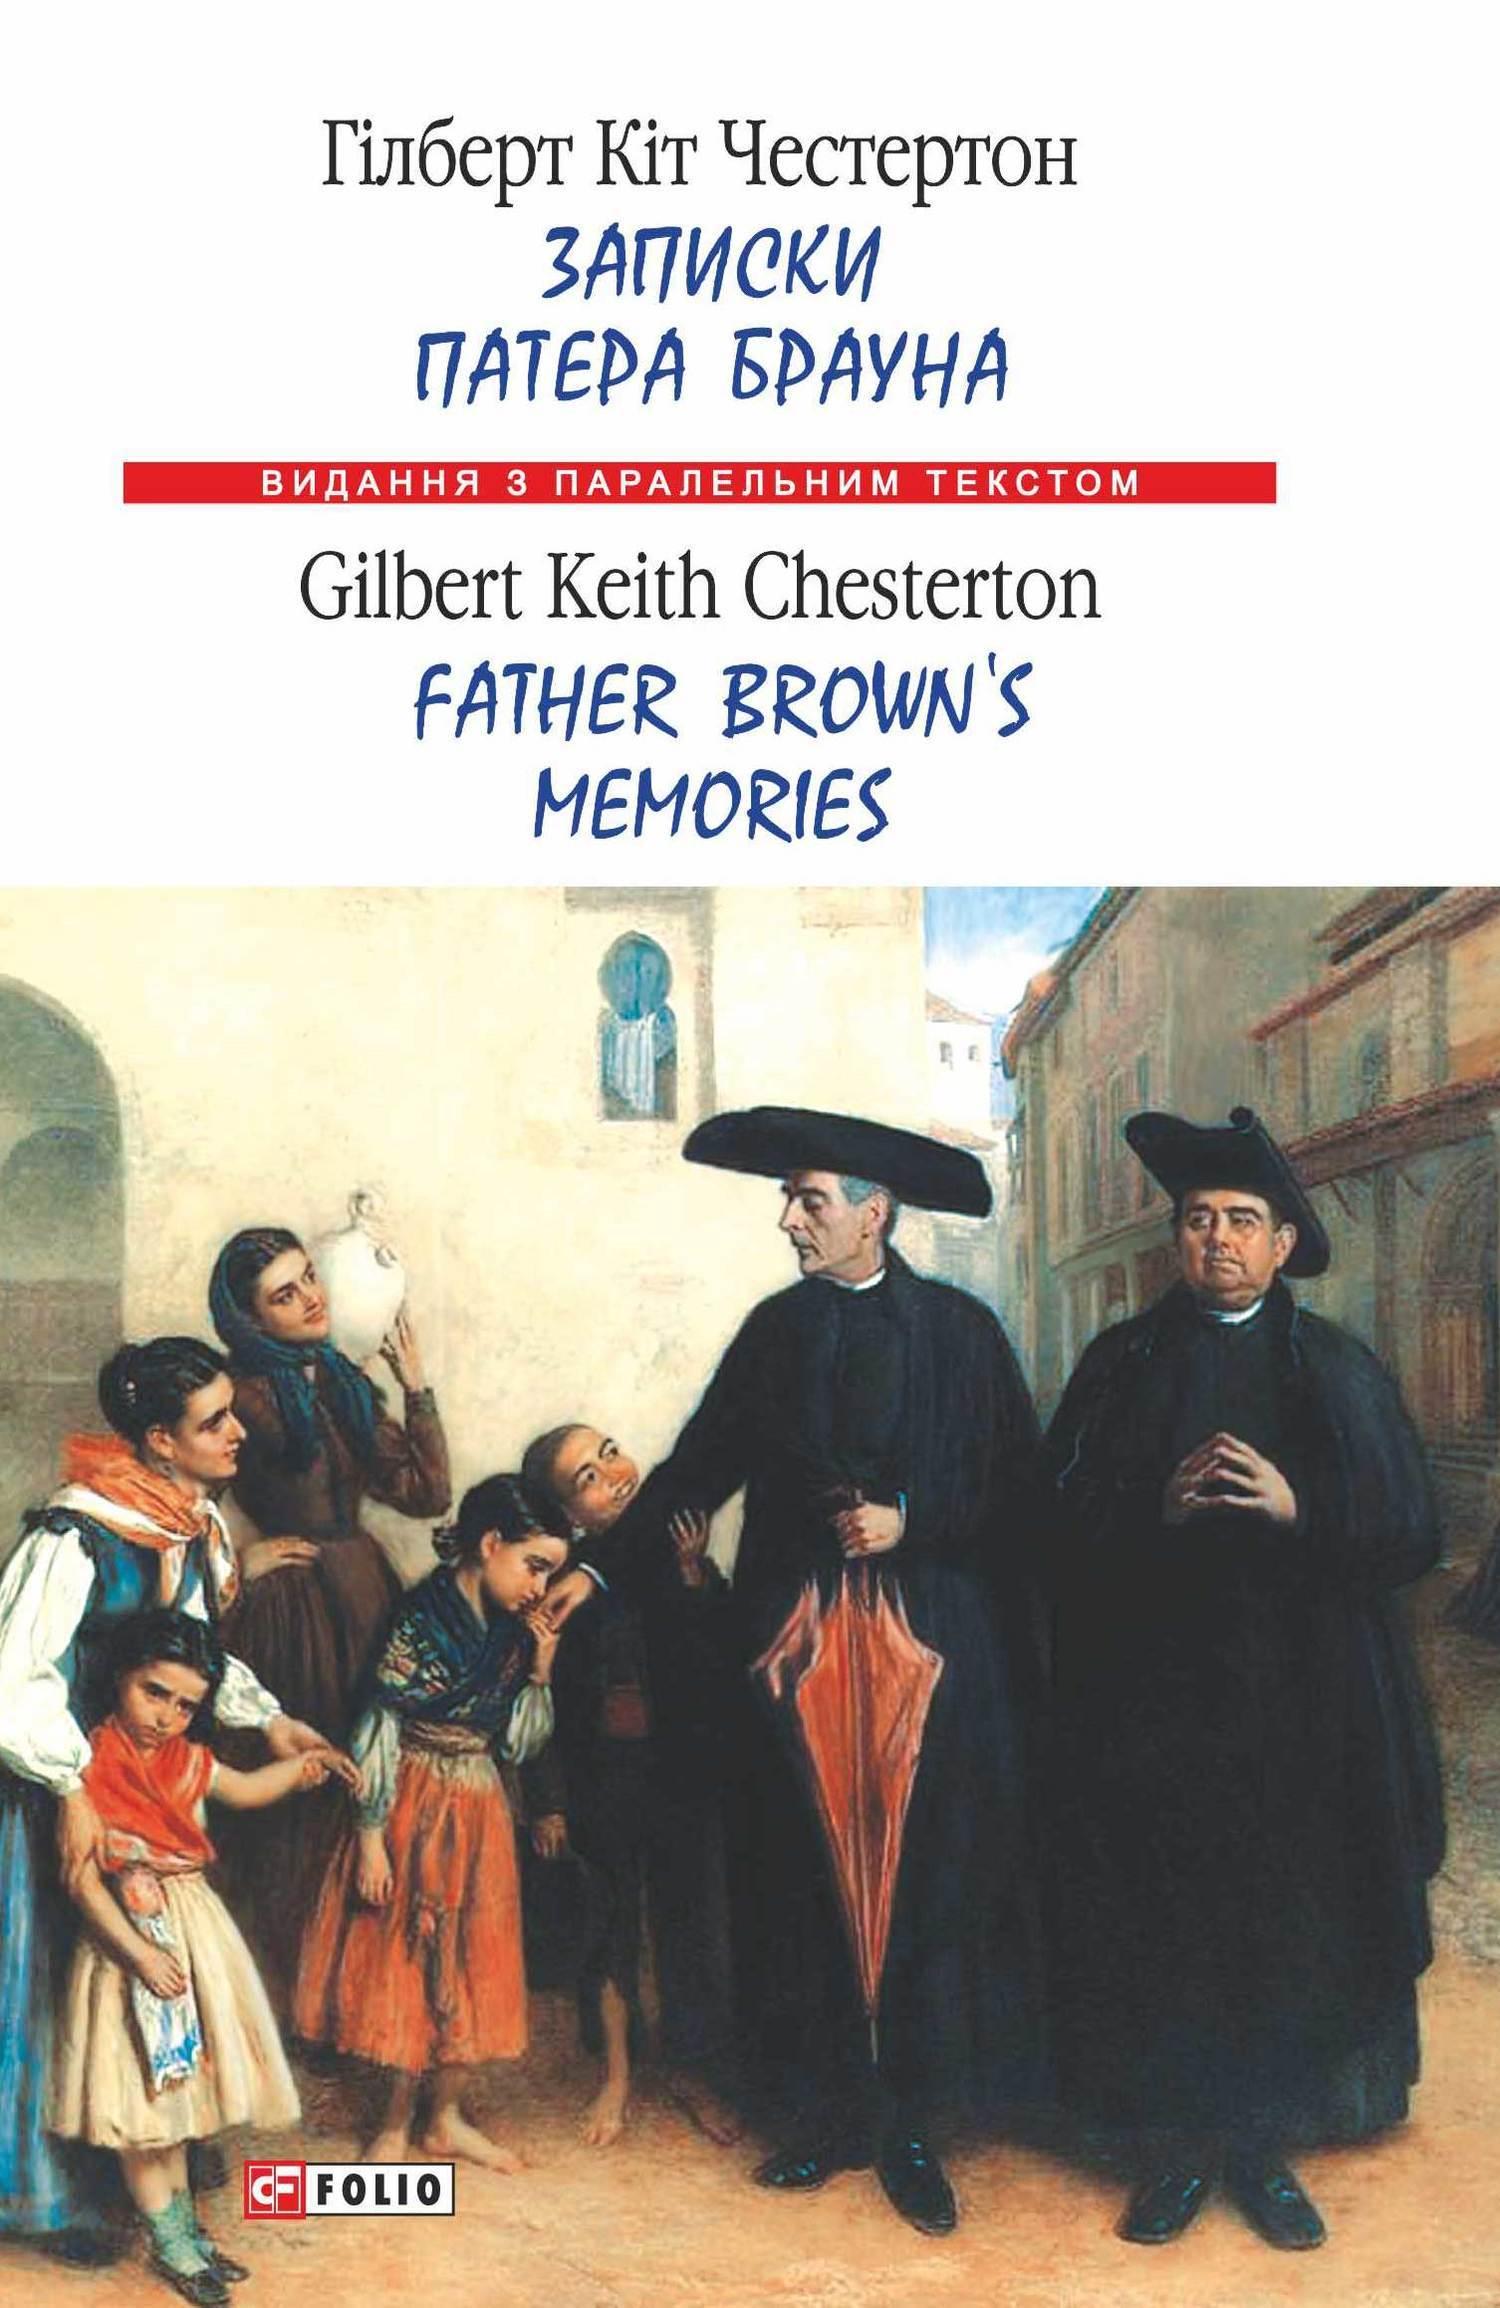 Гілберт Кіт Честертон Записки патера Брауна = Father Brown's Memories ISBN: 978-966-03-7914-5 дмитро павличко любов і ненависть вибране